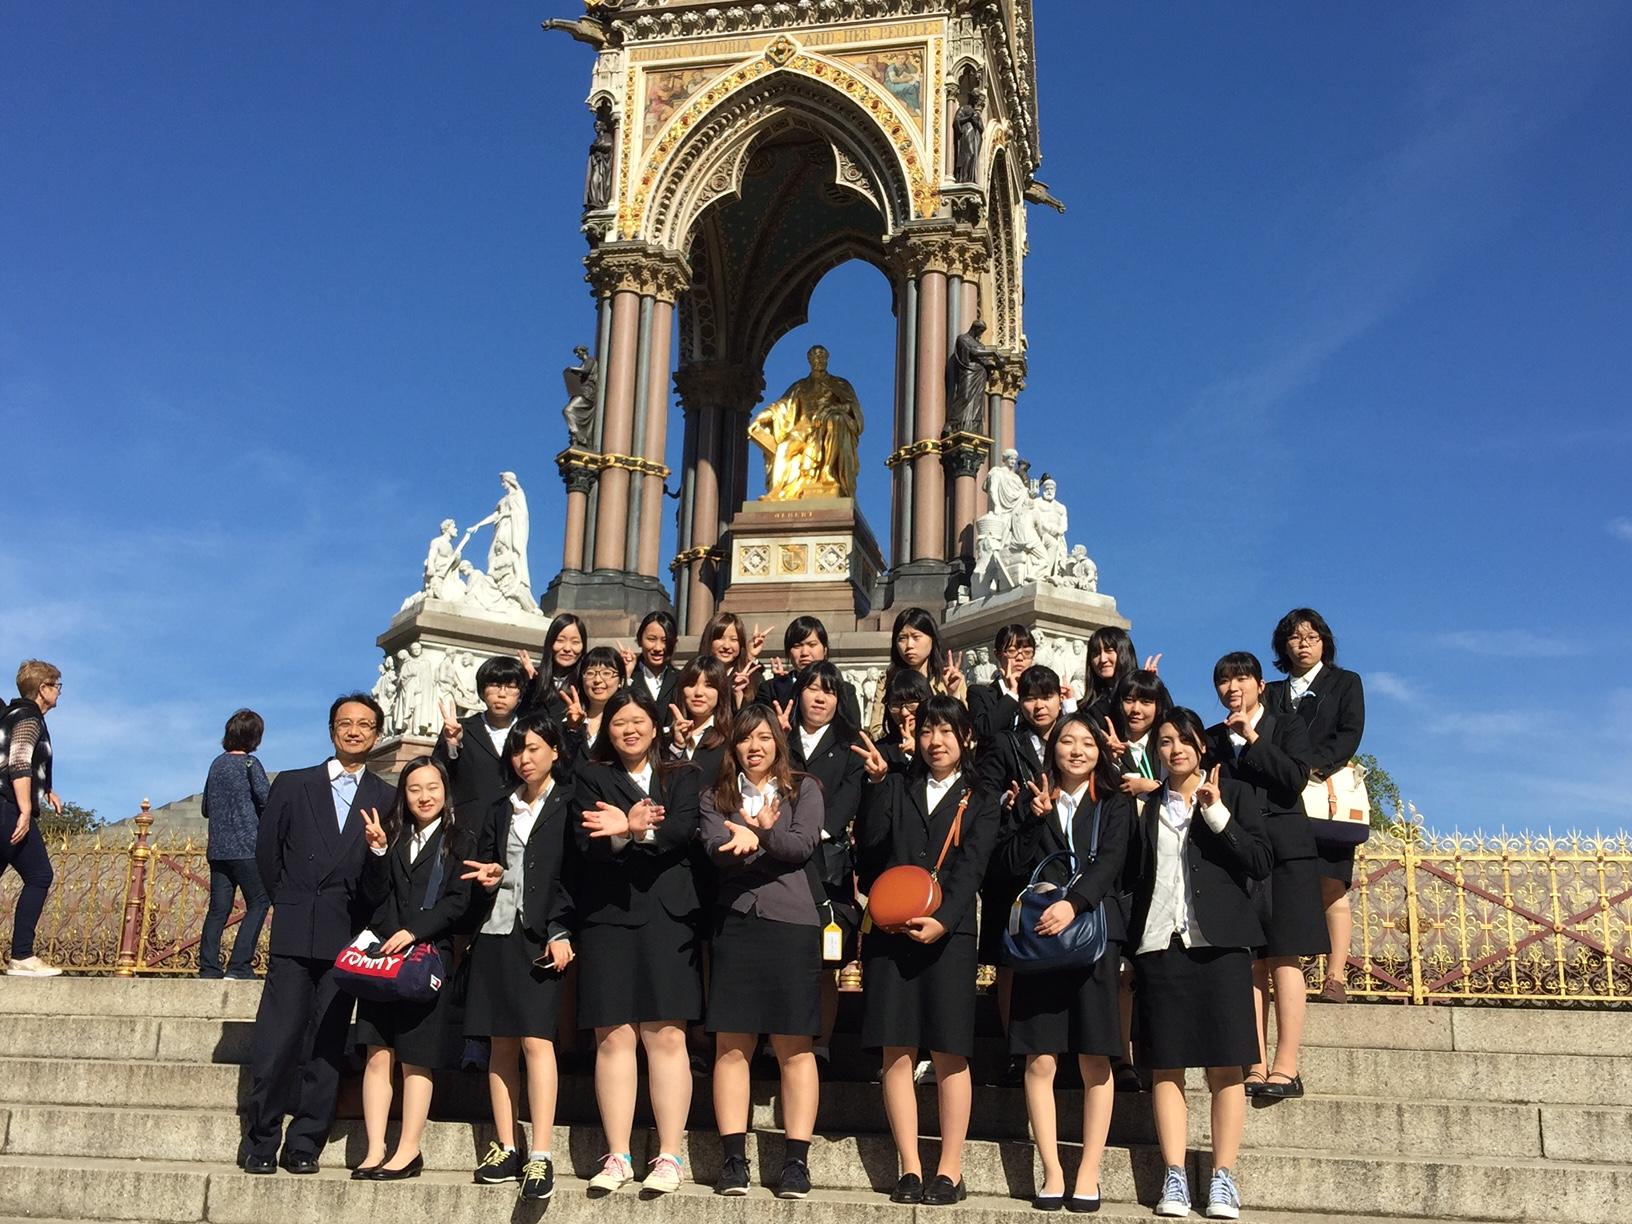 新しいイギリス研修旅行を9月19日オープンキャンパスでご紹介します!